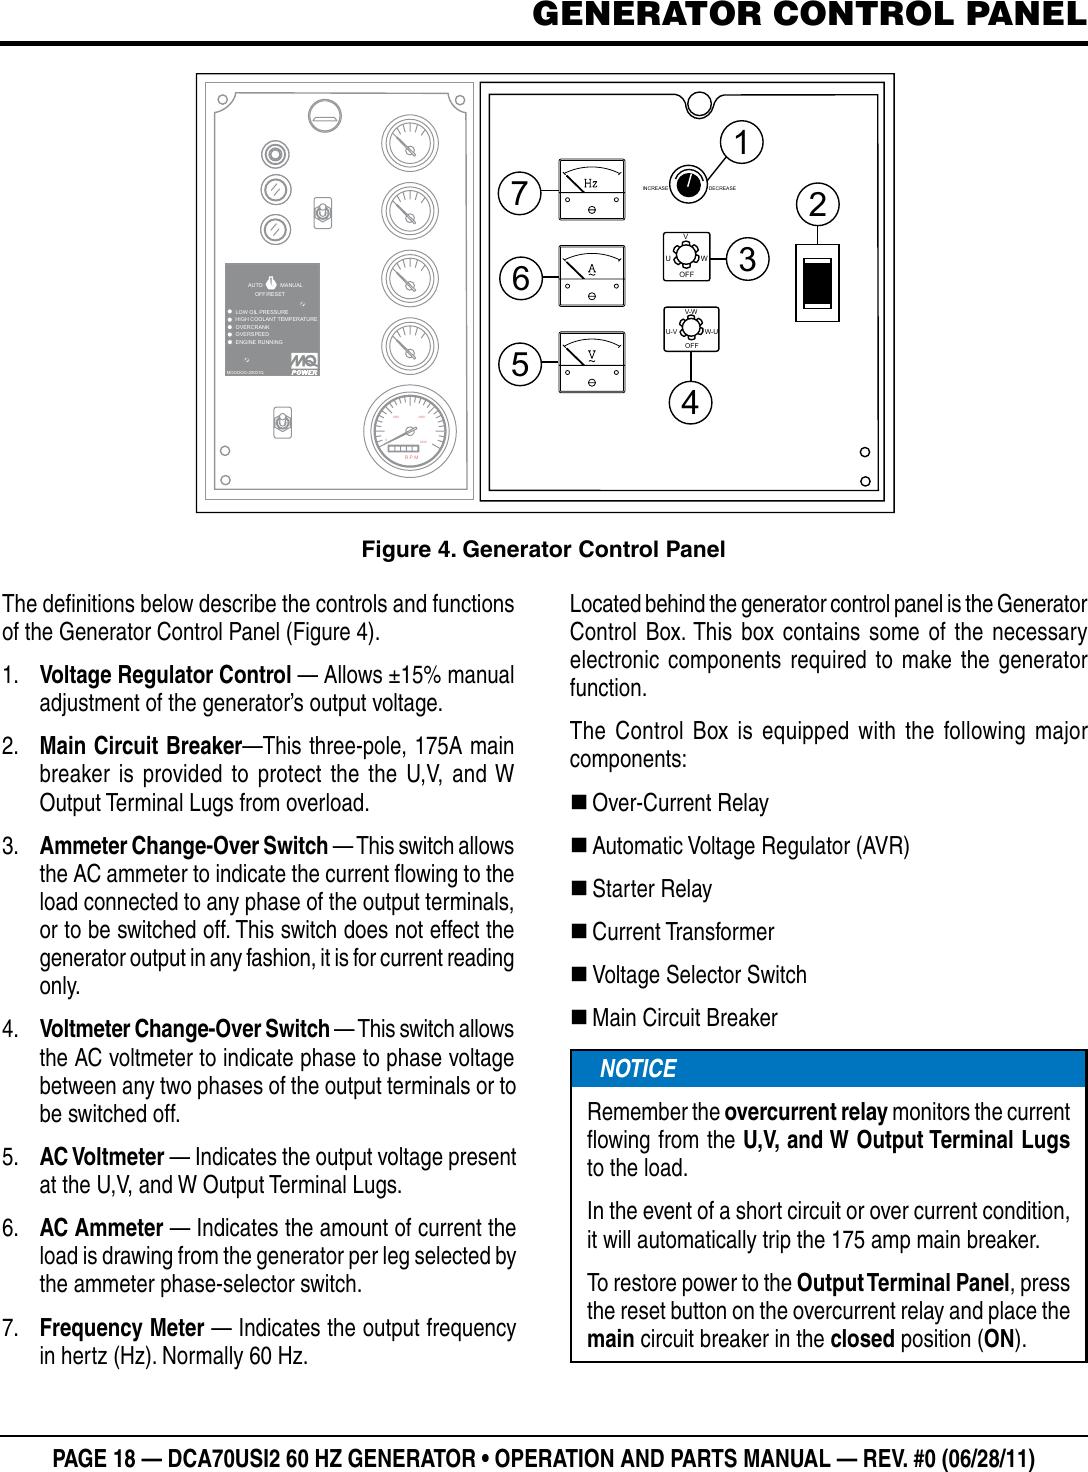 Multiquip Dca70Usi2 Users Manual